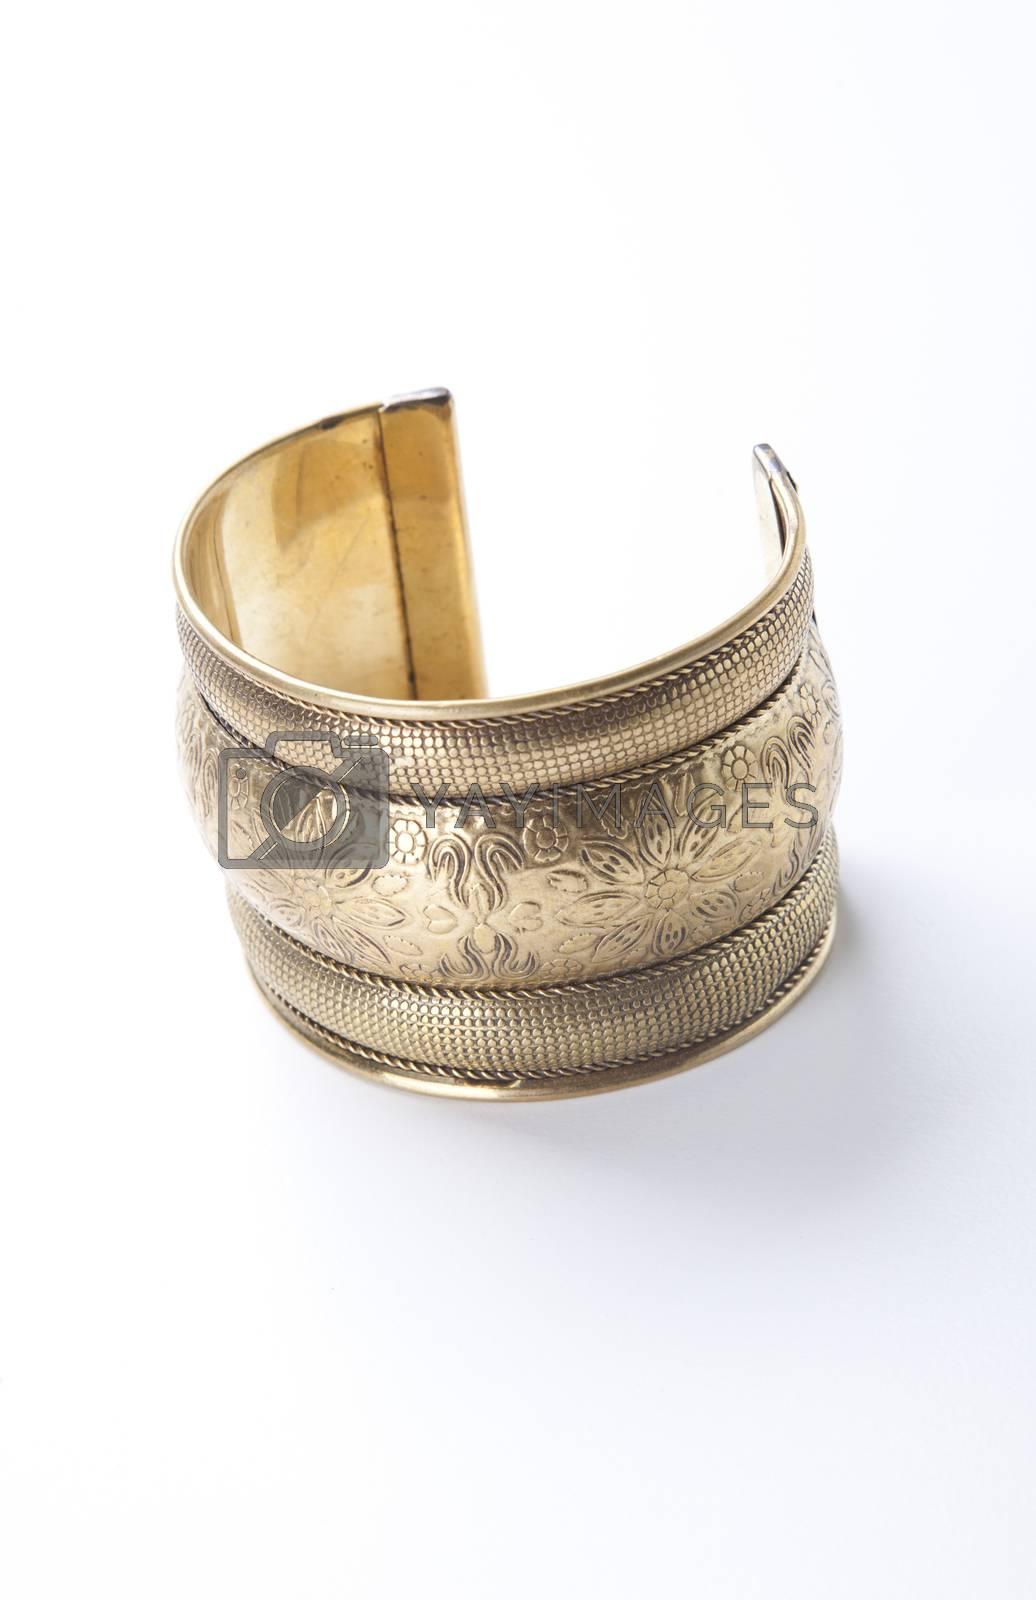 Trendy gold bracelet over white background